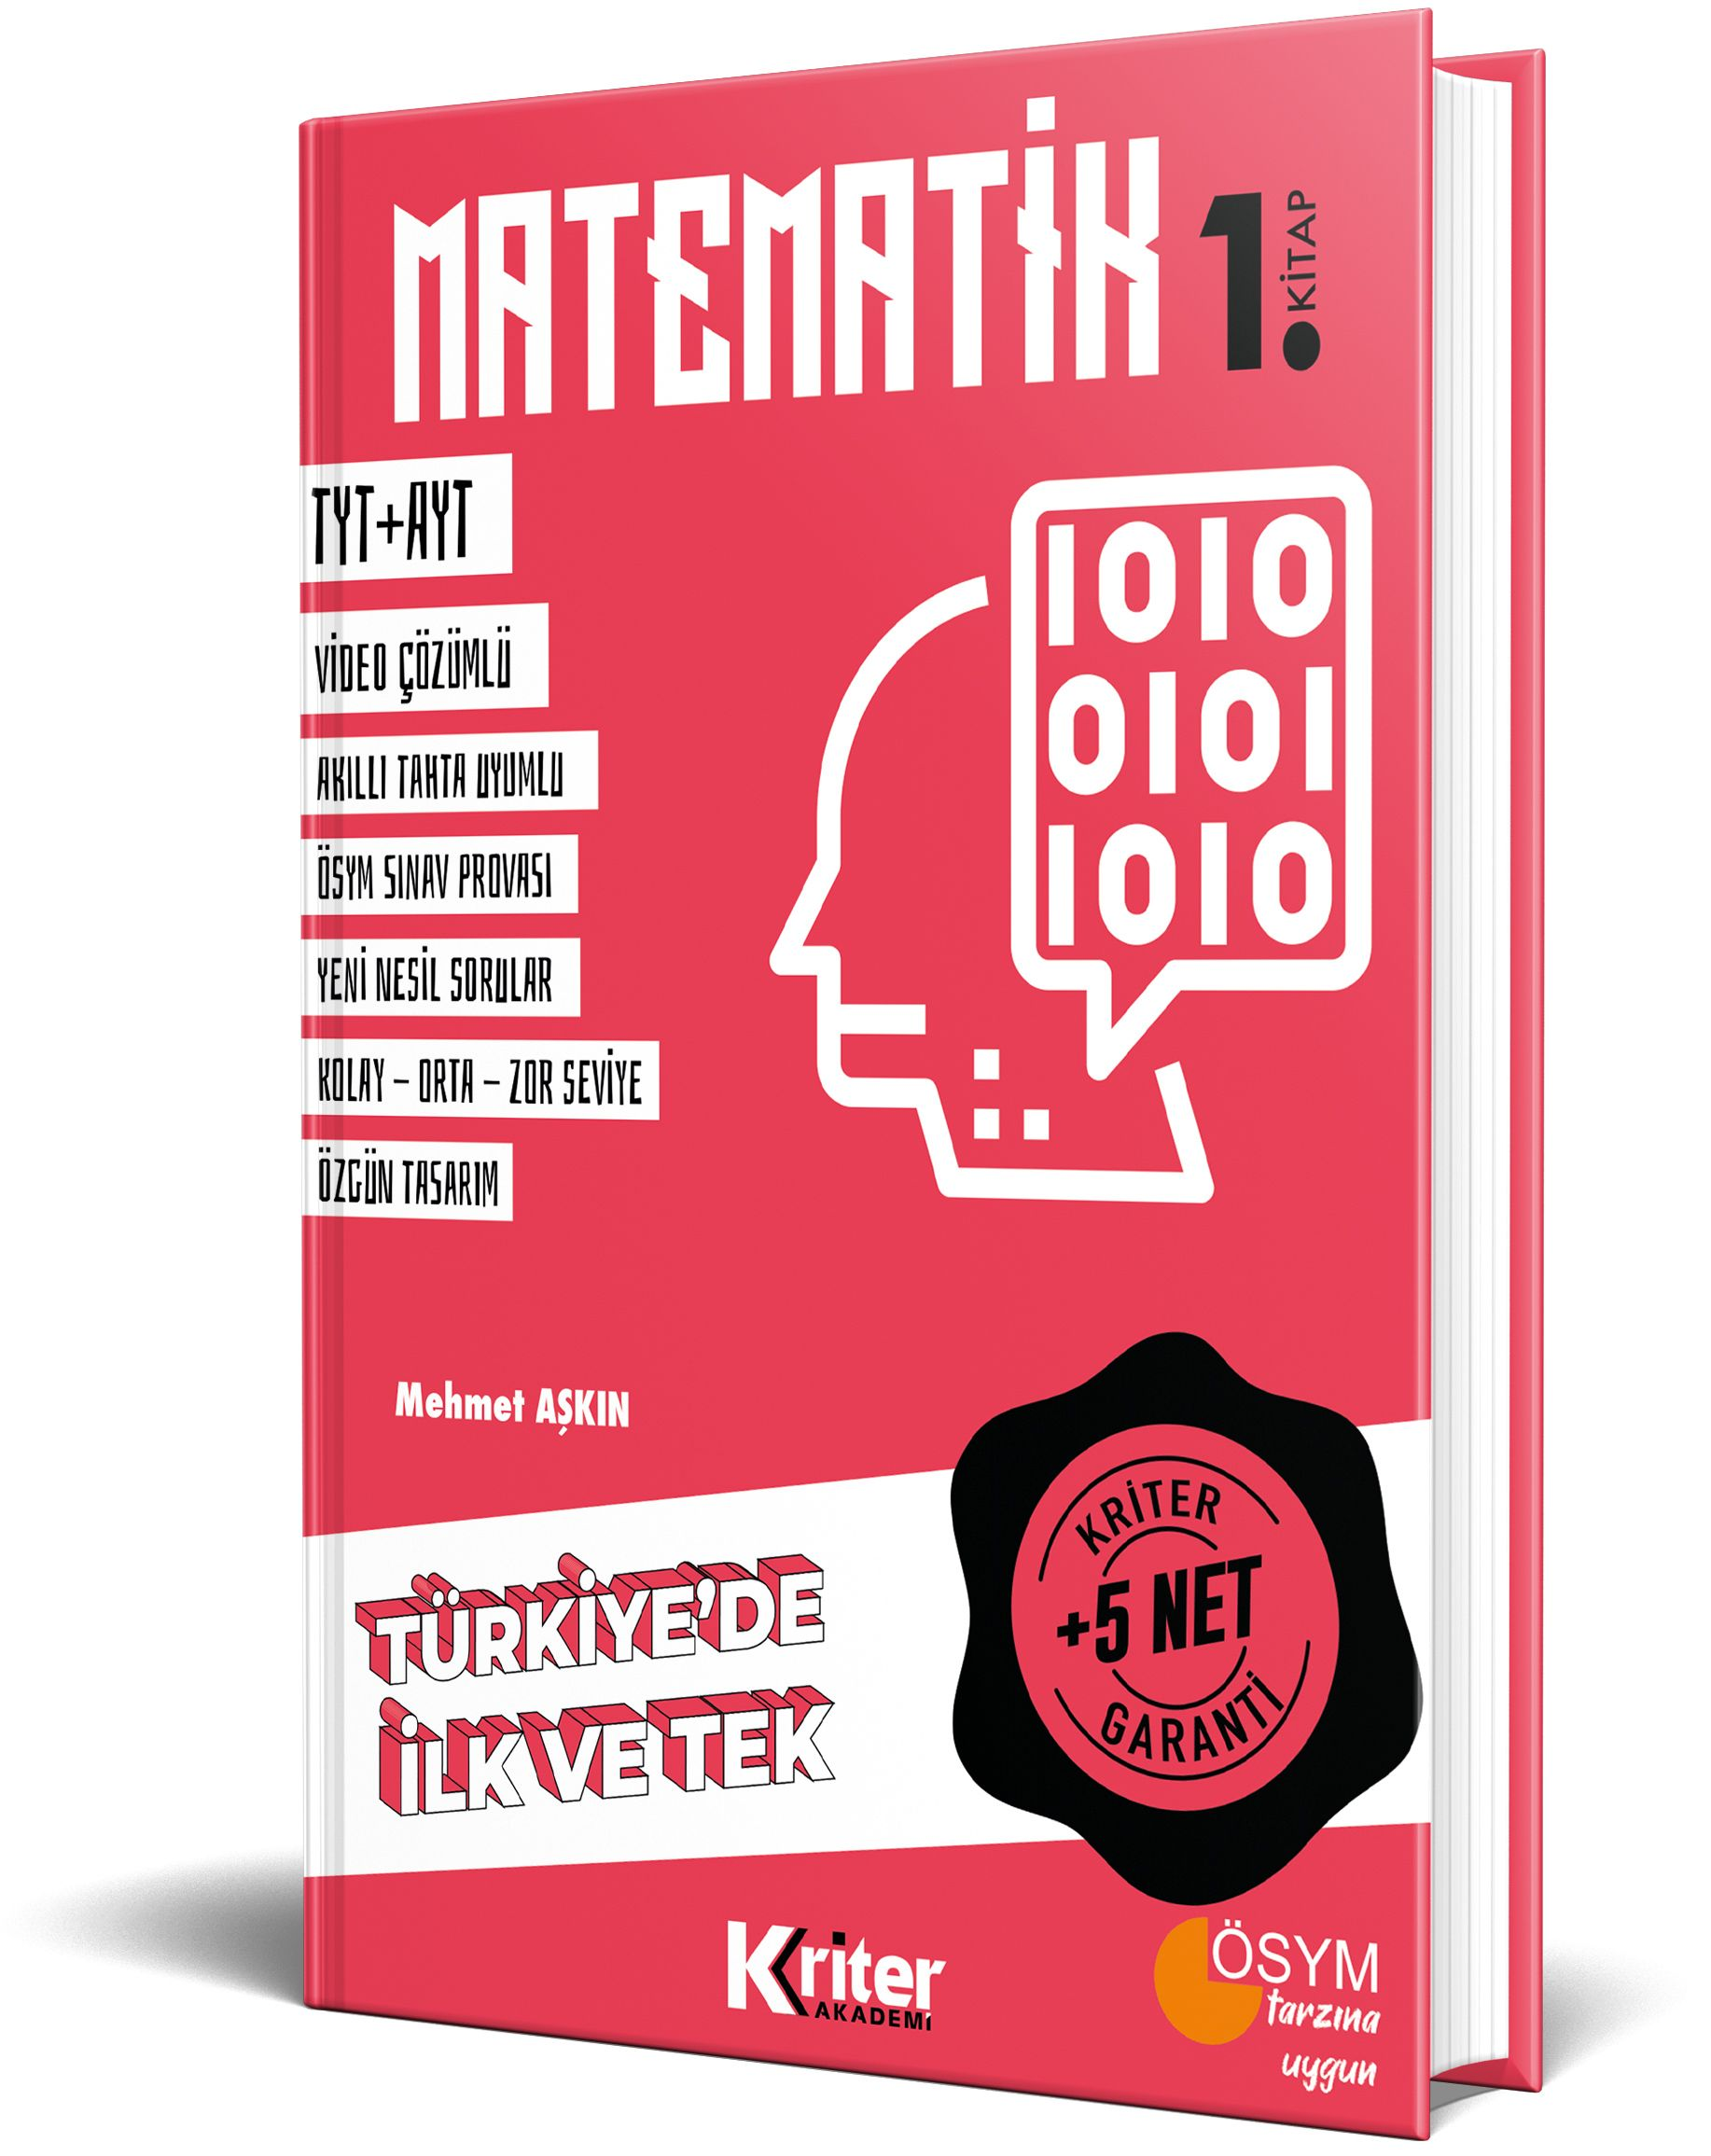 Kriter Akademi 5 Net Garantili <span>Matematik 1</span>